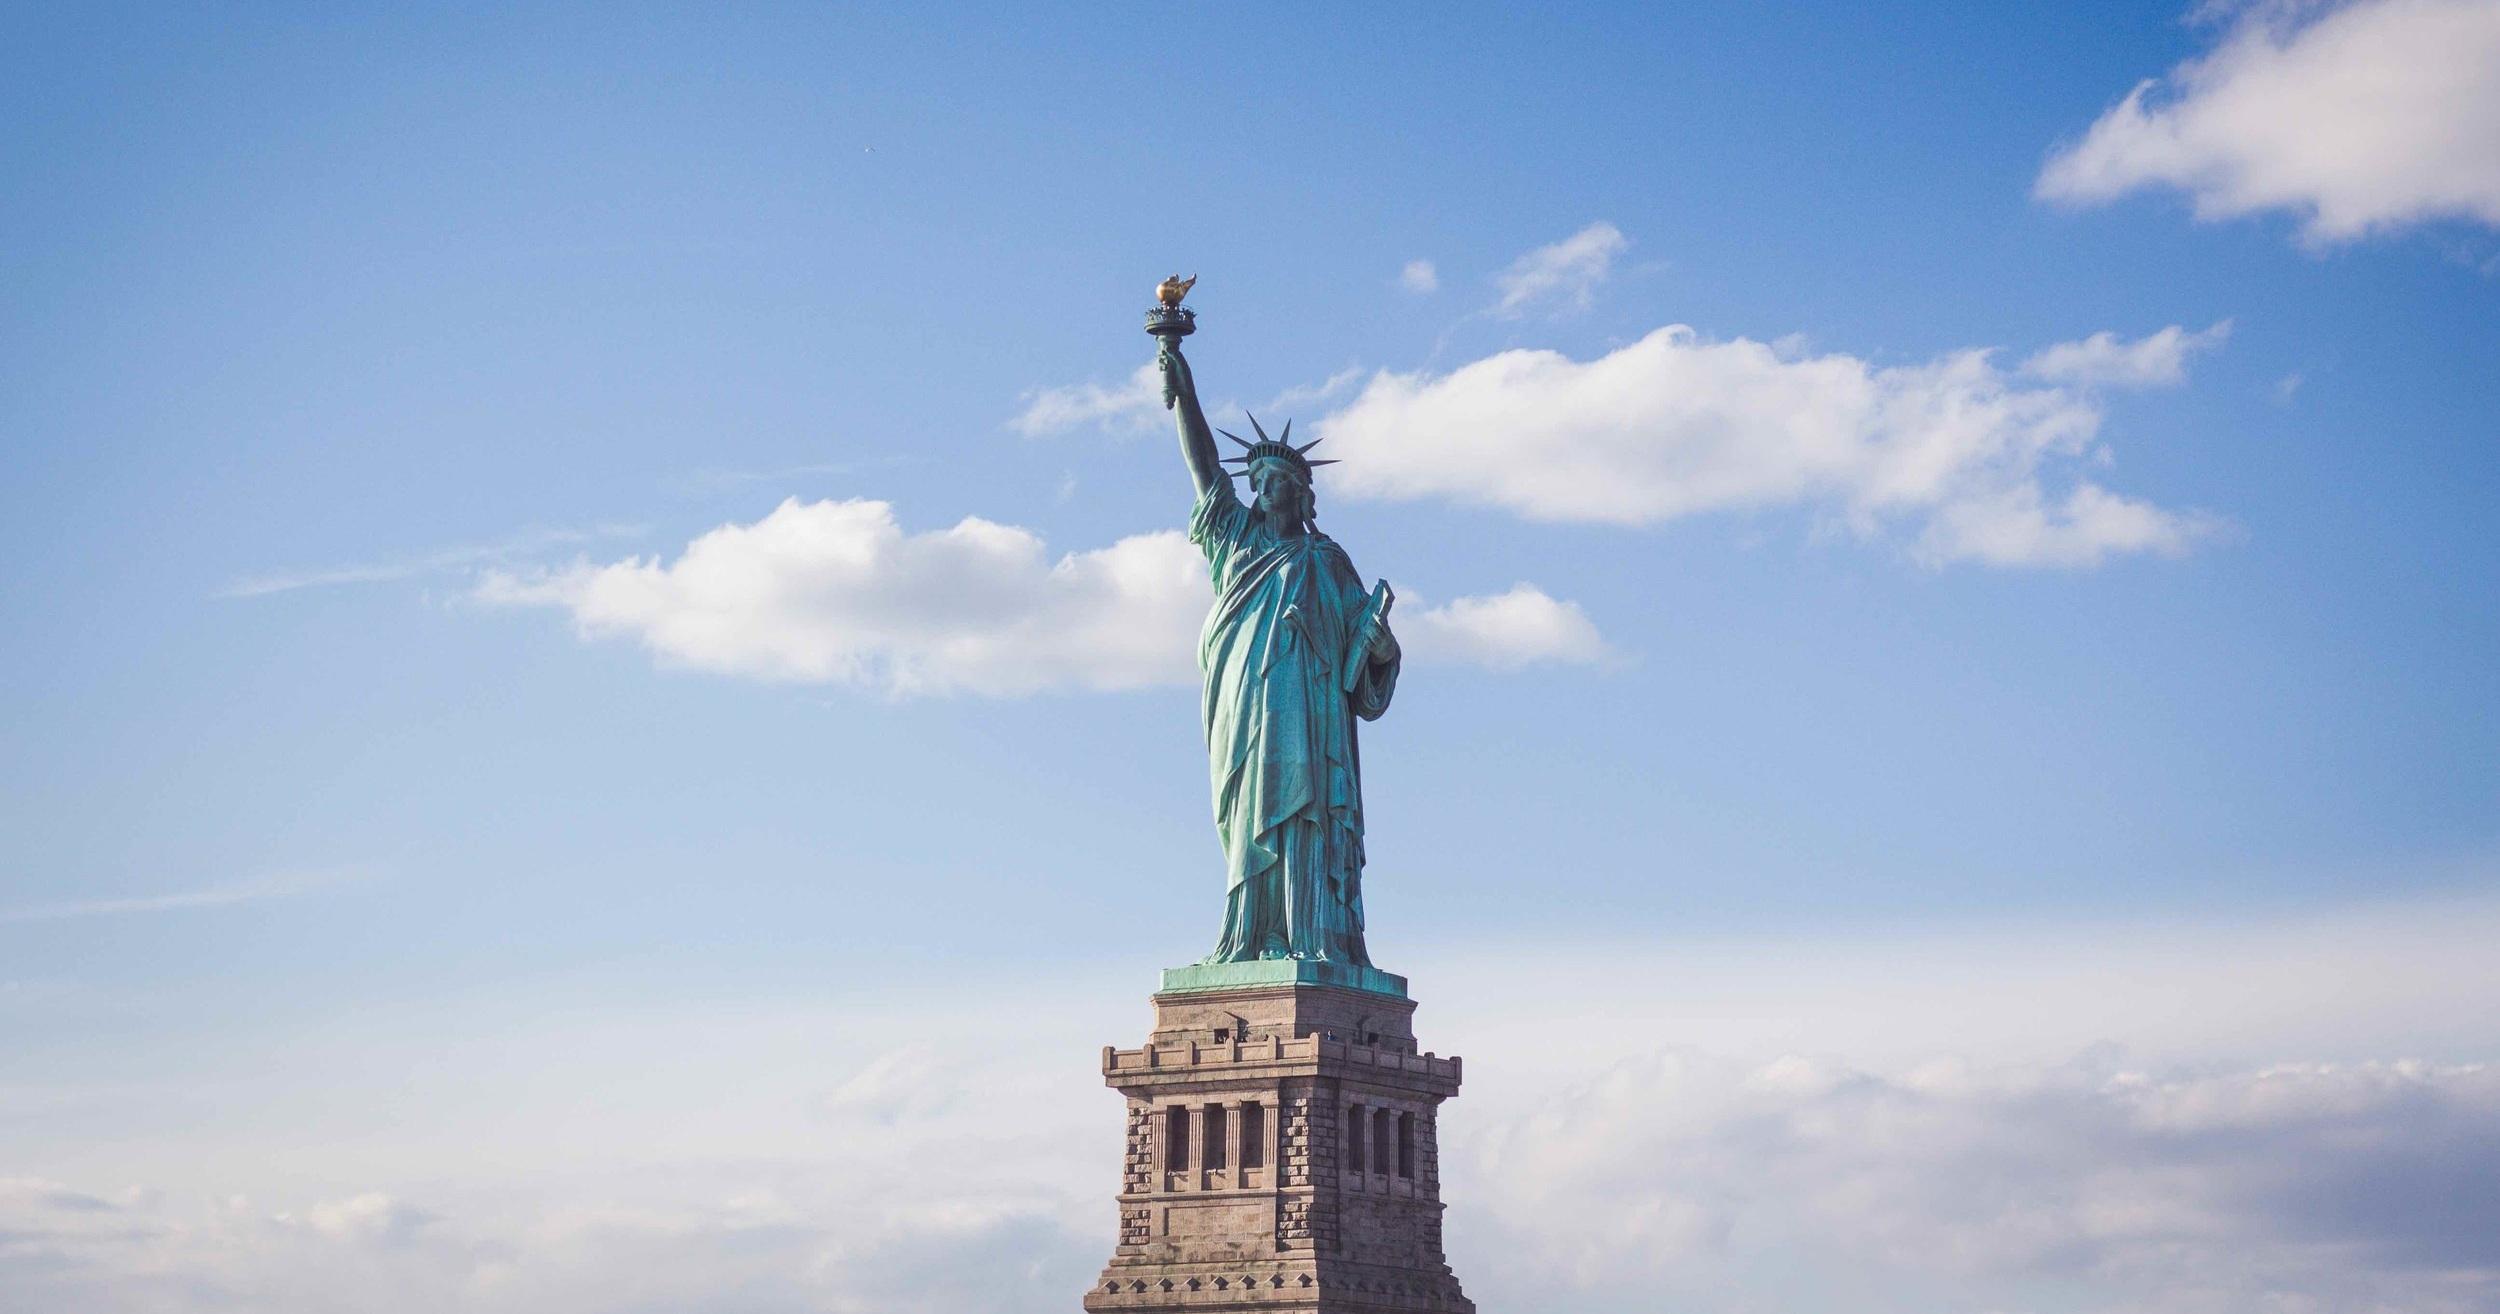 DAG 4 LEDIG DAG - Njut av en ledig dag på din resa till New York. Upplev allt vad den här fantastiska staden har att erbjuda. Besök Frihetsgudinnan, ta en promenad i Central Park eller ät på några av stadens otroliga restauranger. Kvällen kanske avslutas med ett besök på ikoniska Broadway och en föreställning du sent ska glömma. Hör med oss för biljetter.